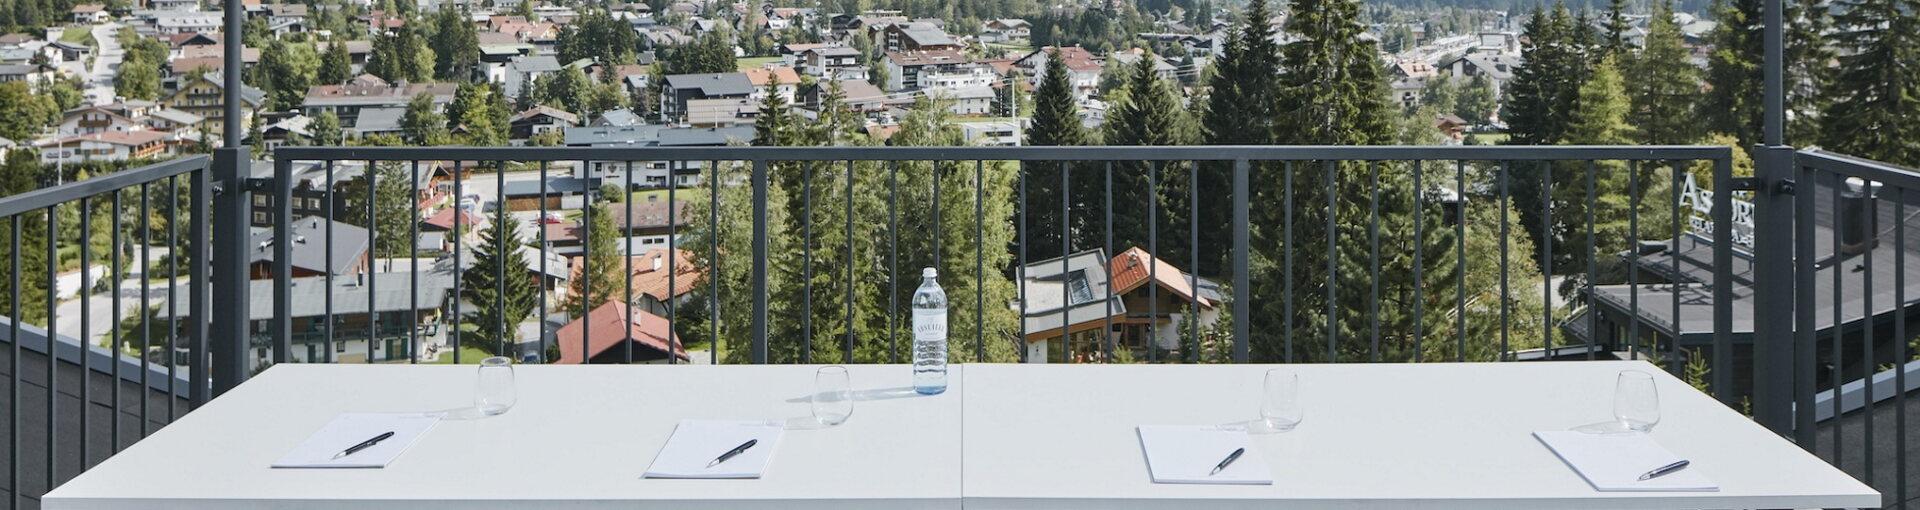 Natur & Spa Hotel Lärchenhof © David Schreyer Presselounge